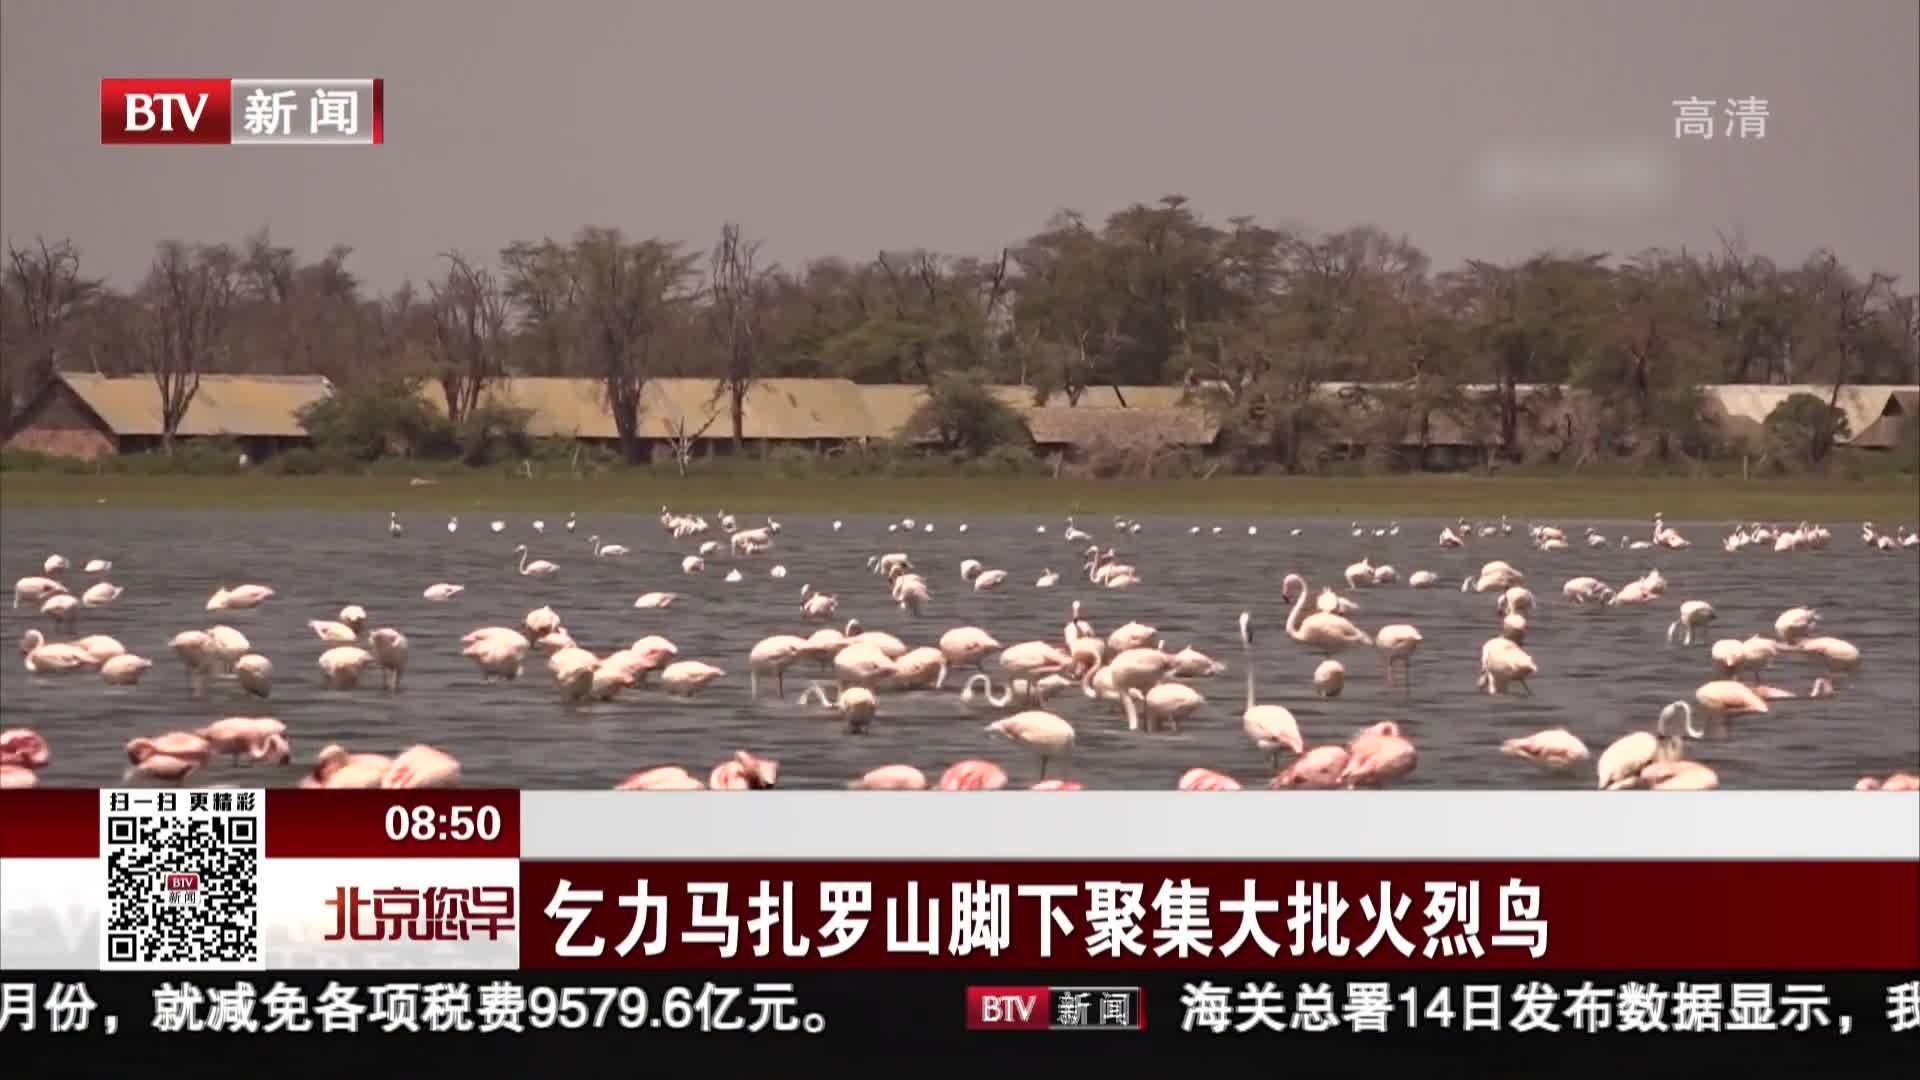 [视频]乞力马扎罗山脚下聚集大批火烈鸟